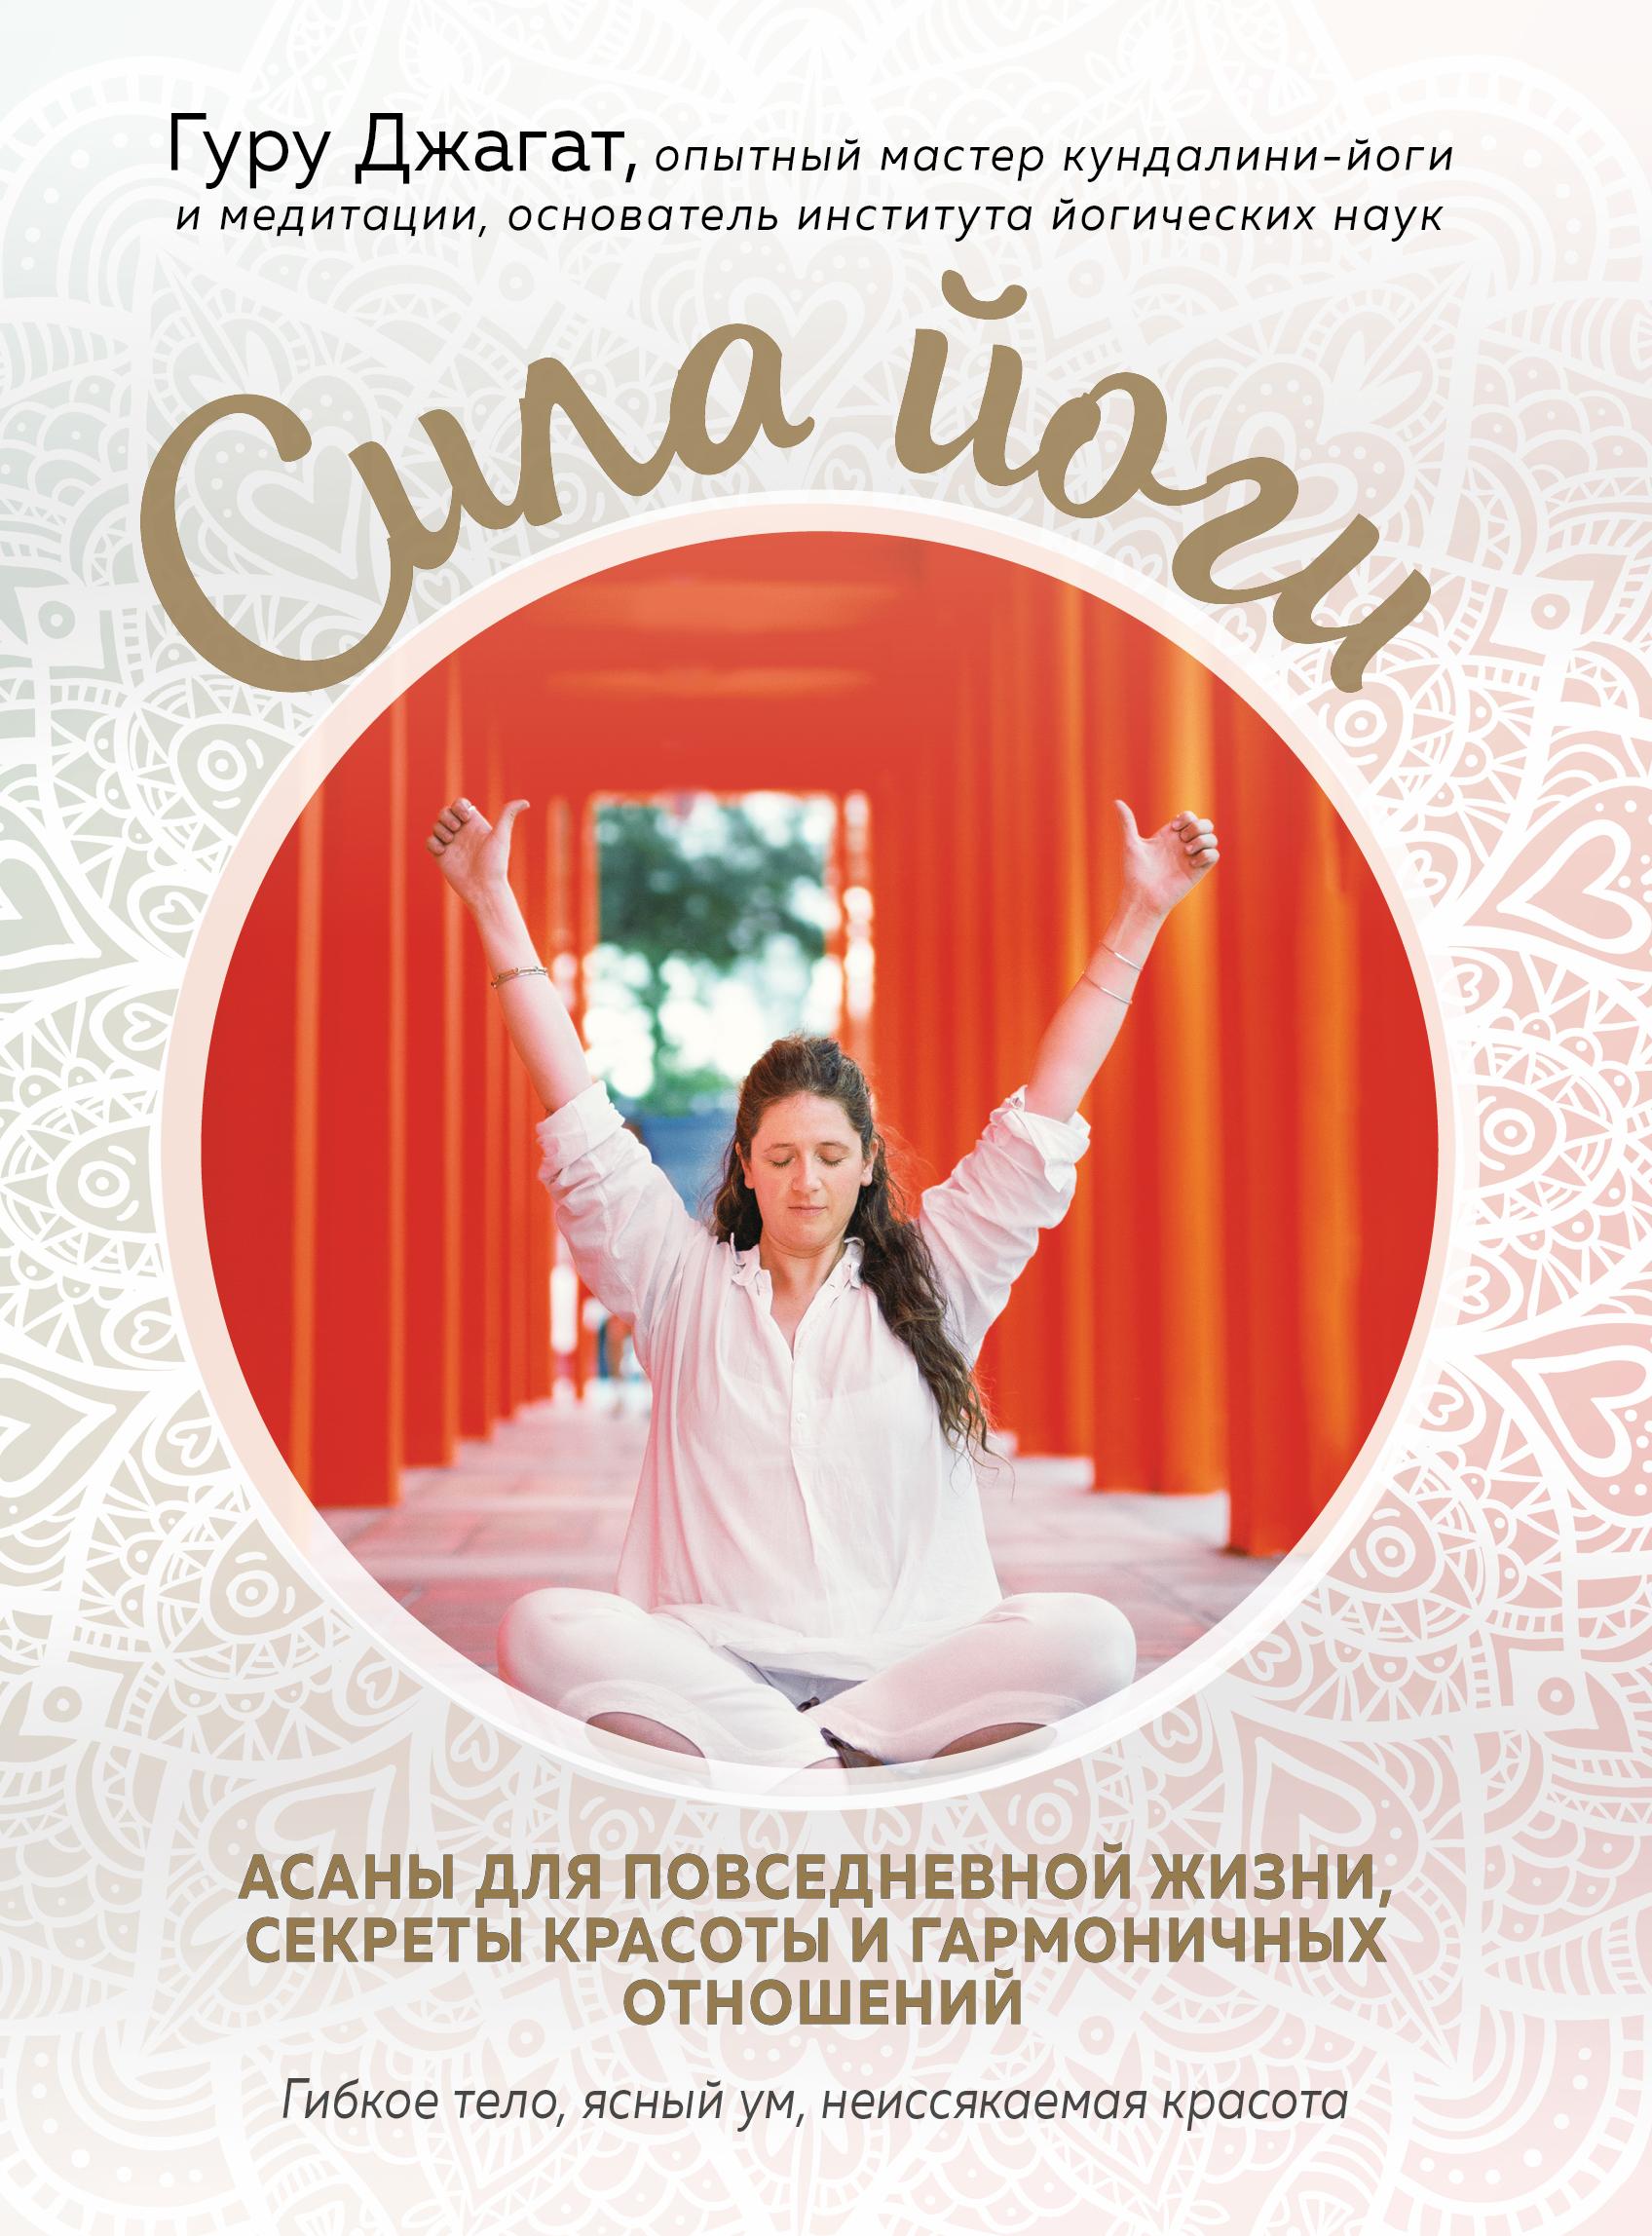 Гуру Джагат Сила йоги. Асаны для повседневной жизни, секреты красоты и гармоничных отношений авалон артур кундалини йога змеиная сила